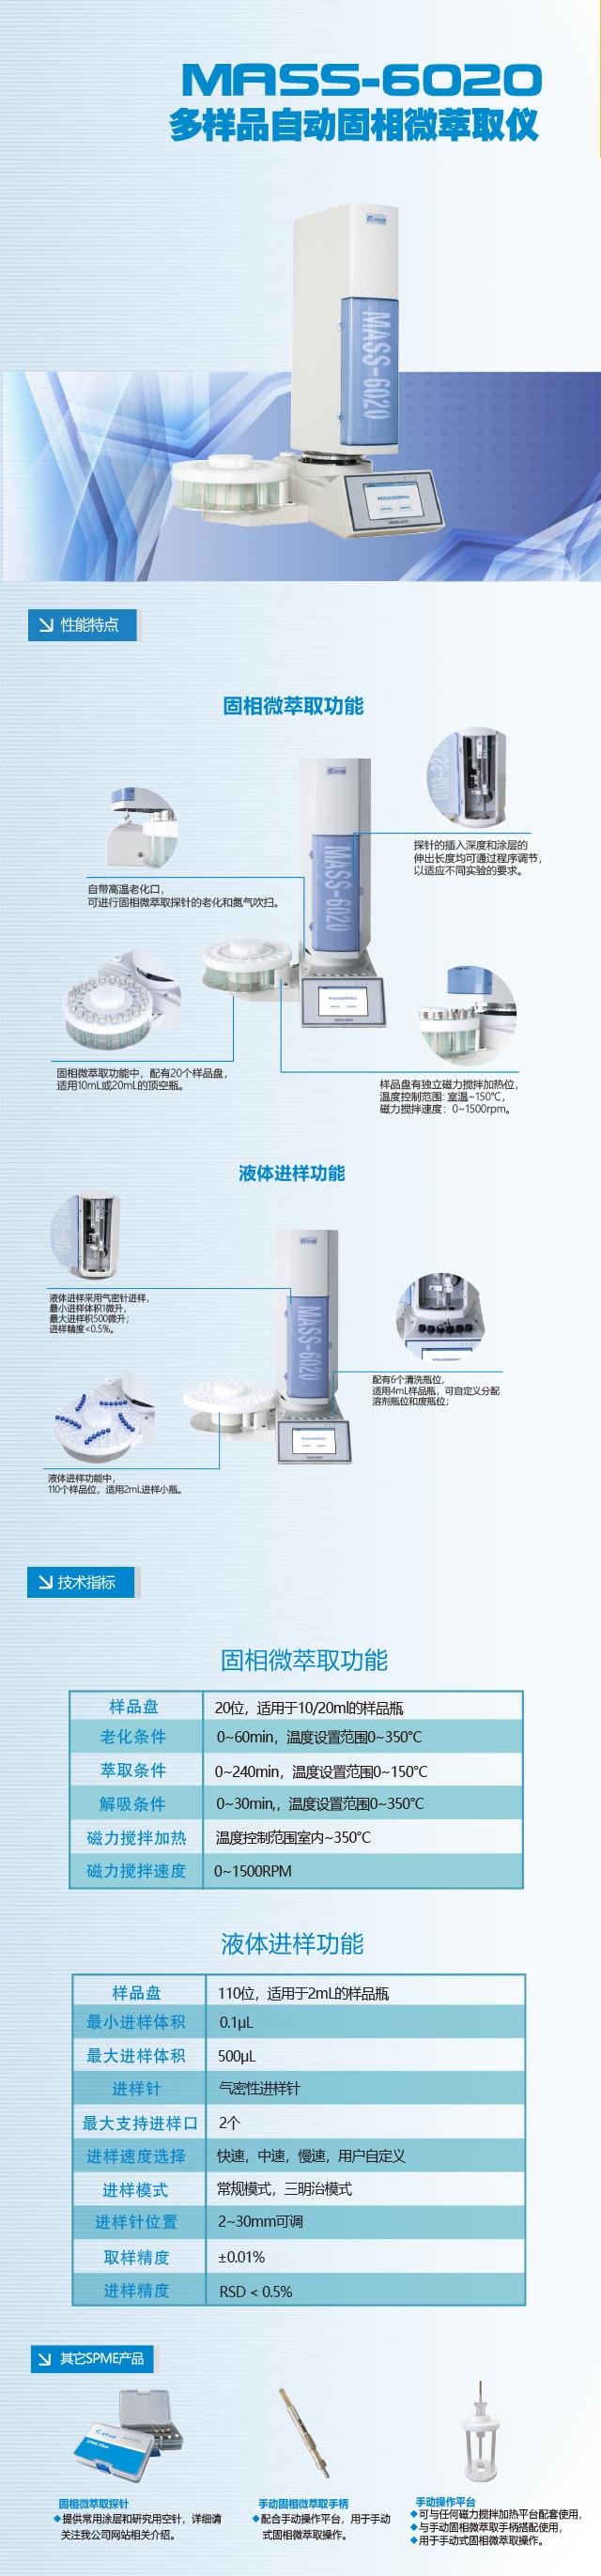 MASS-6020型 多样品全自动固相微萃取仪.jpg